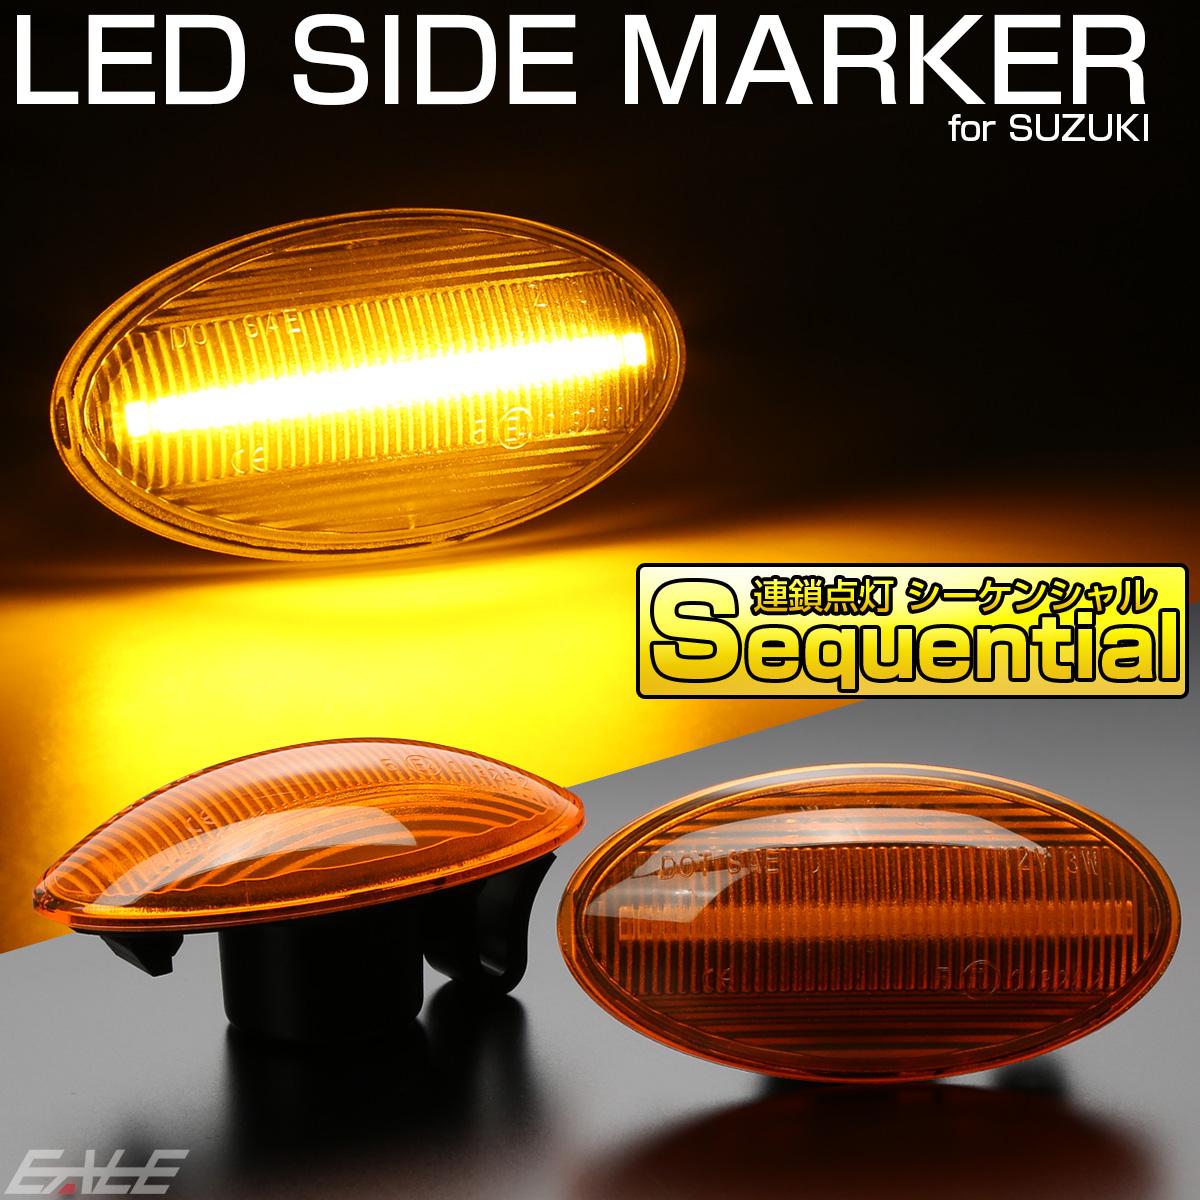 LED サイドマーカー シーケンシャル ウインカー アンバー エブリィ ジムニー ワゴンR スイフト クロスビー ソリオ セルボ キャリィ F-550